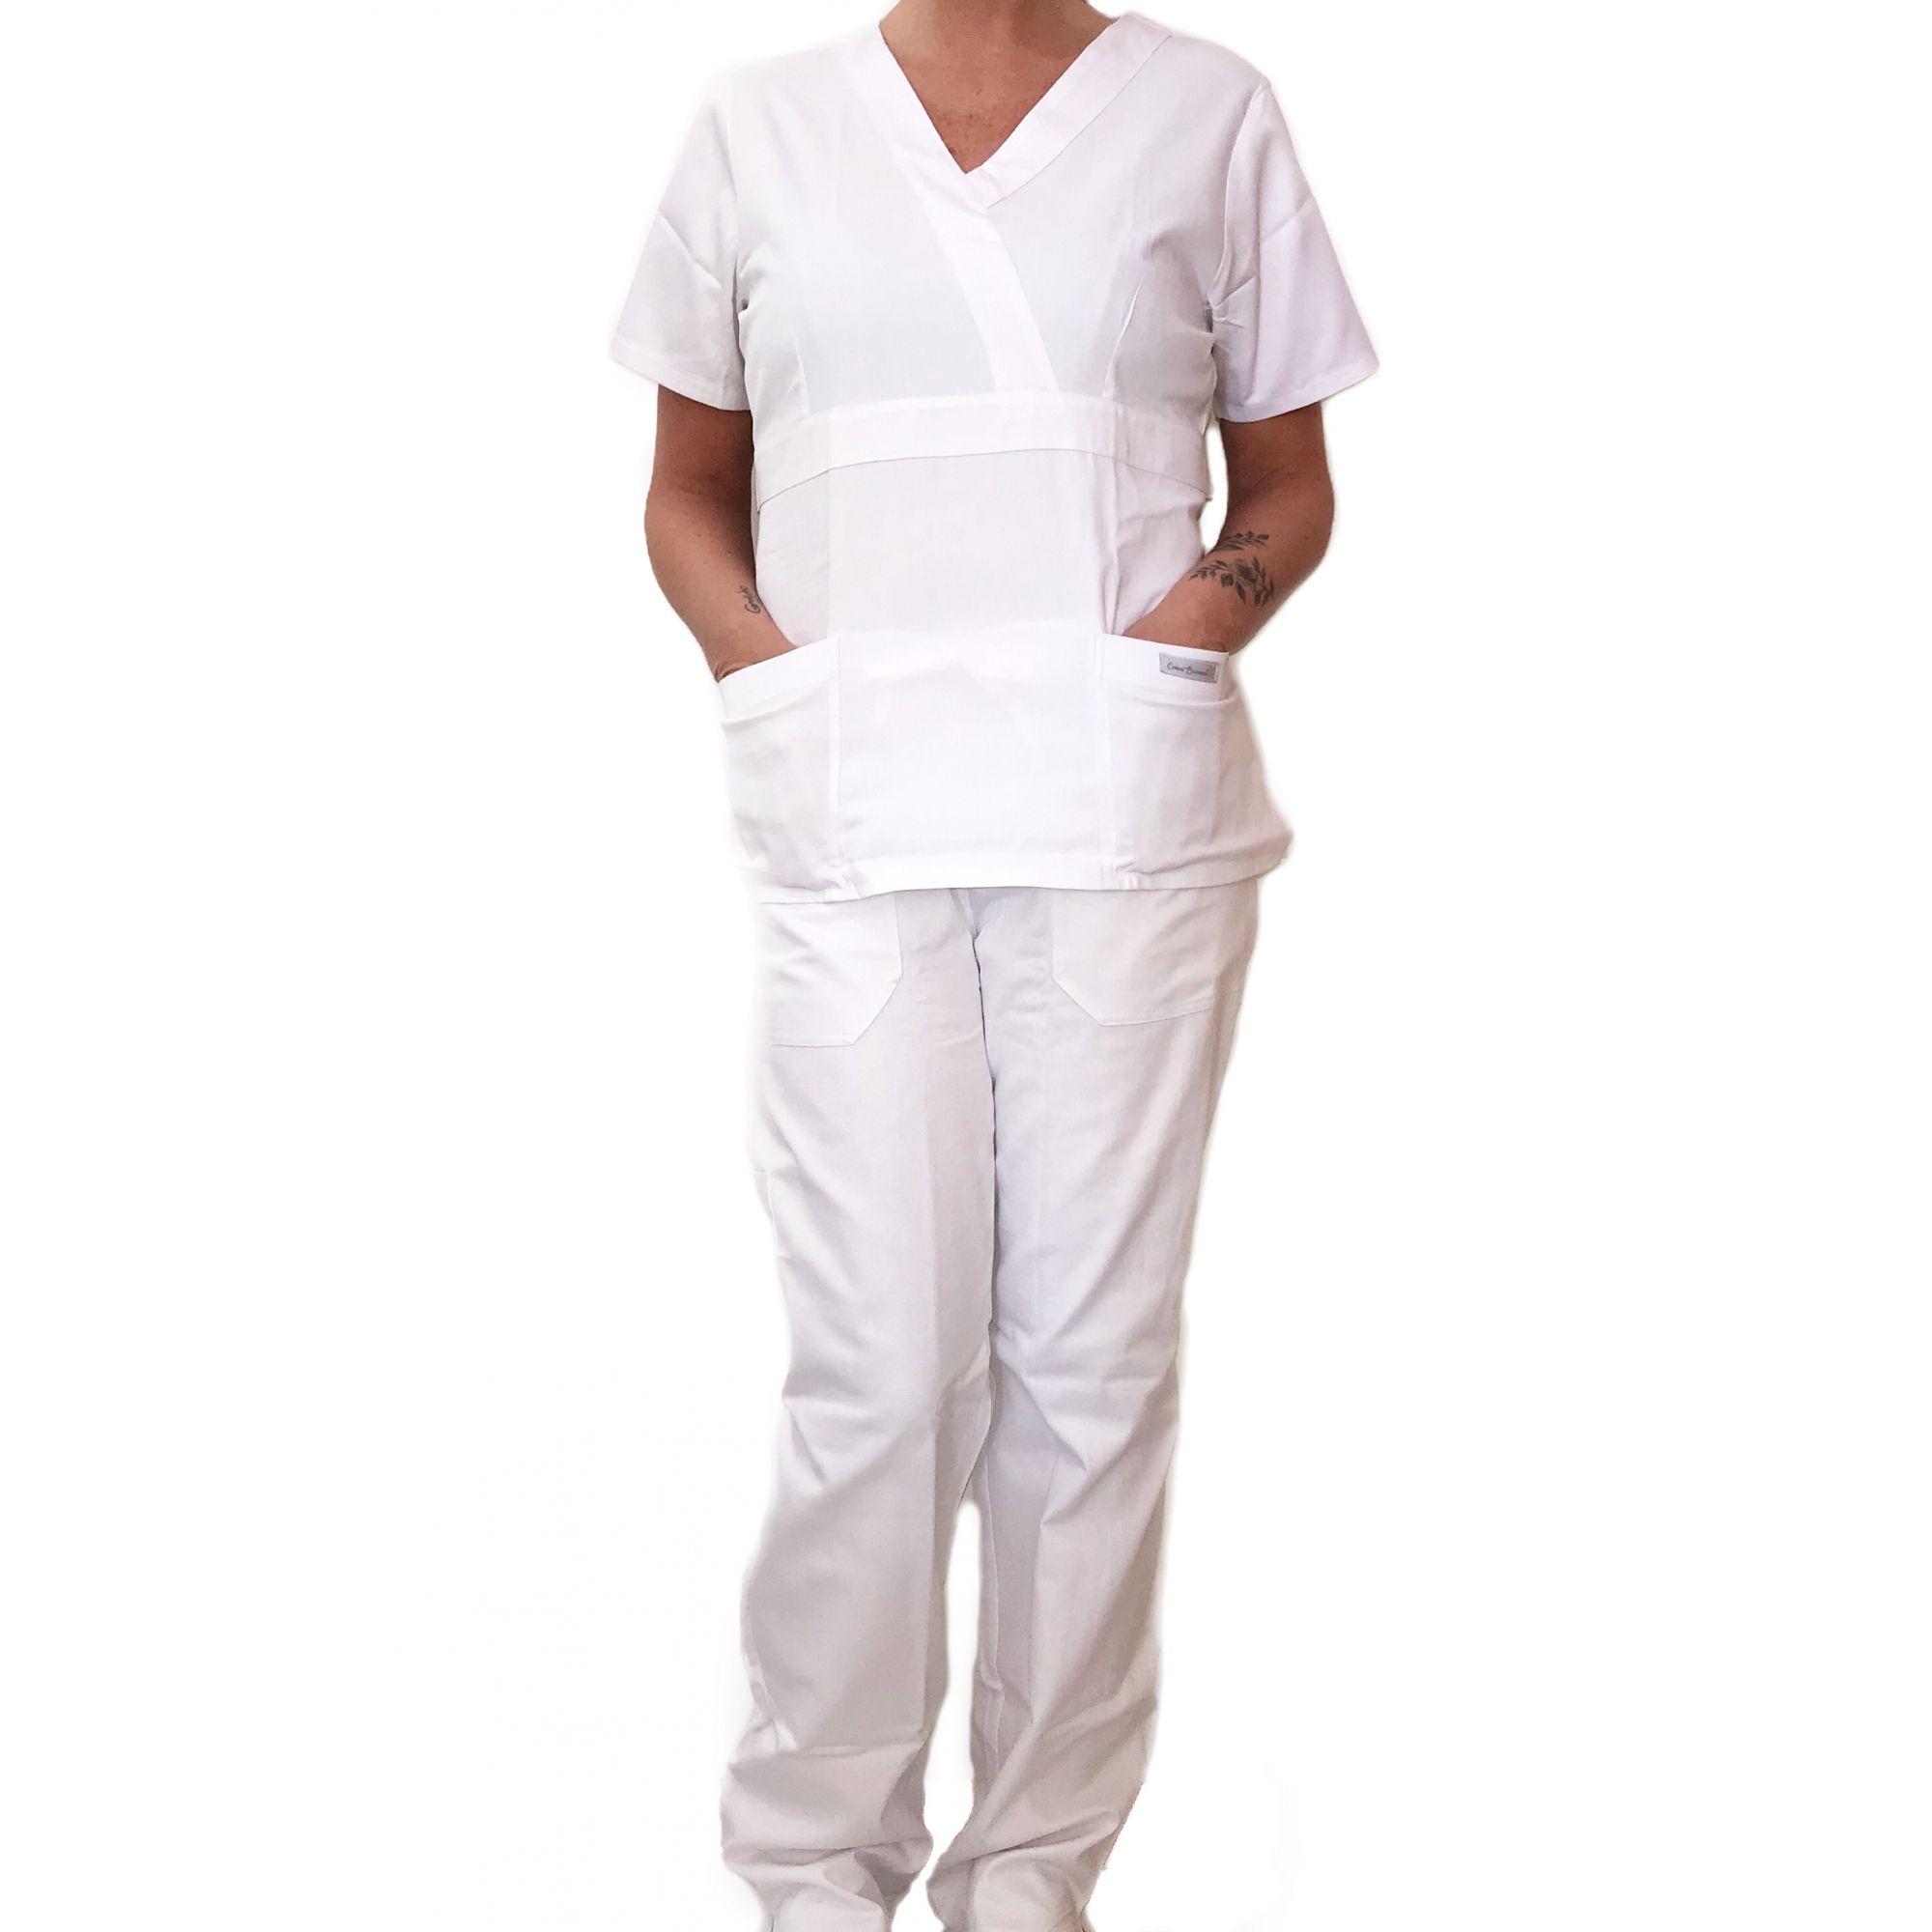 Conjunto Scrub Anatomys Feminino BRANCO  Camisa com ajuste para acinturar atrás e calça Com Elástico CINZA  e Cordão BRANCO 100% Algodão